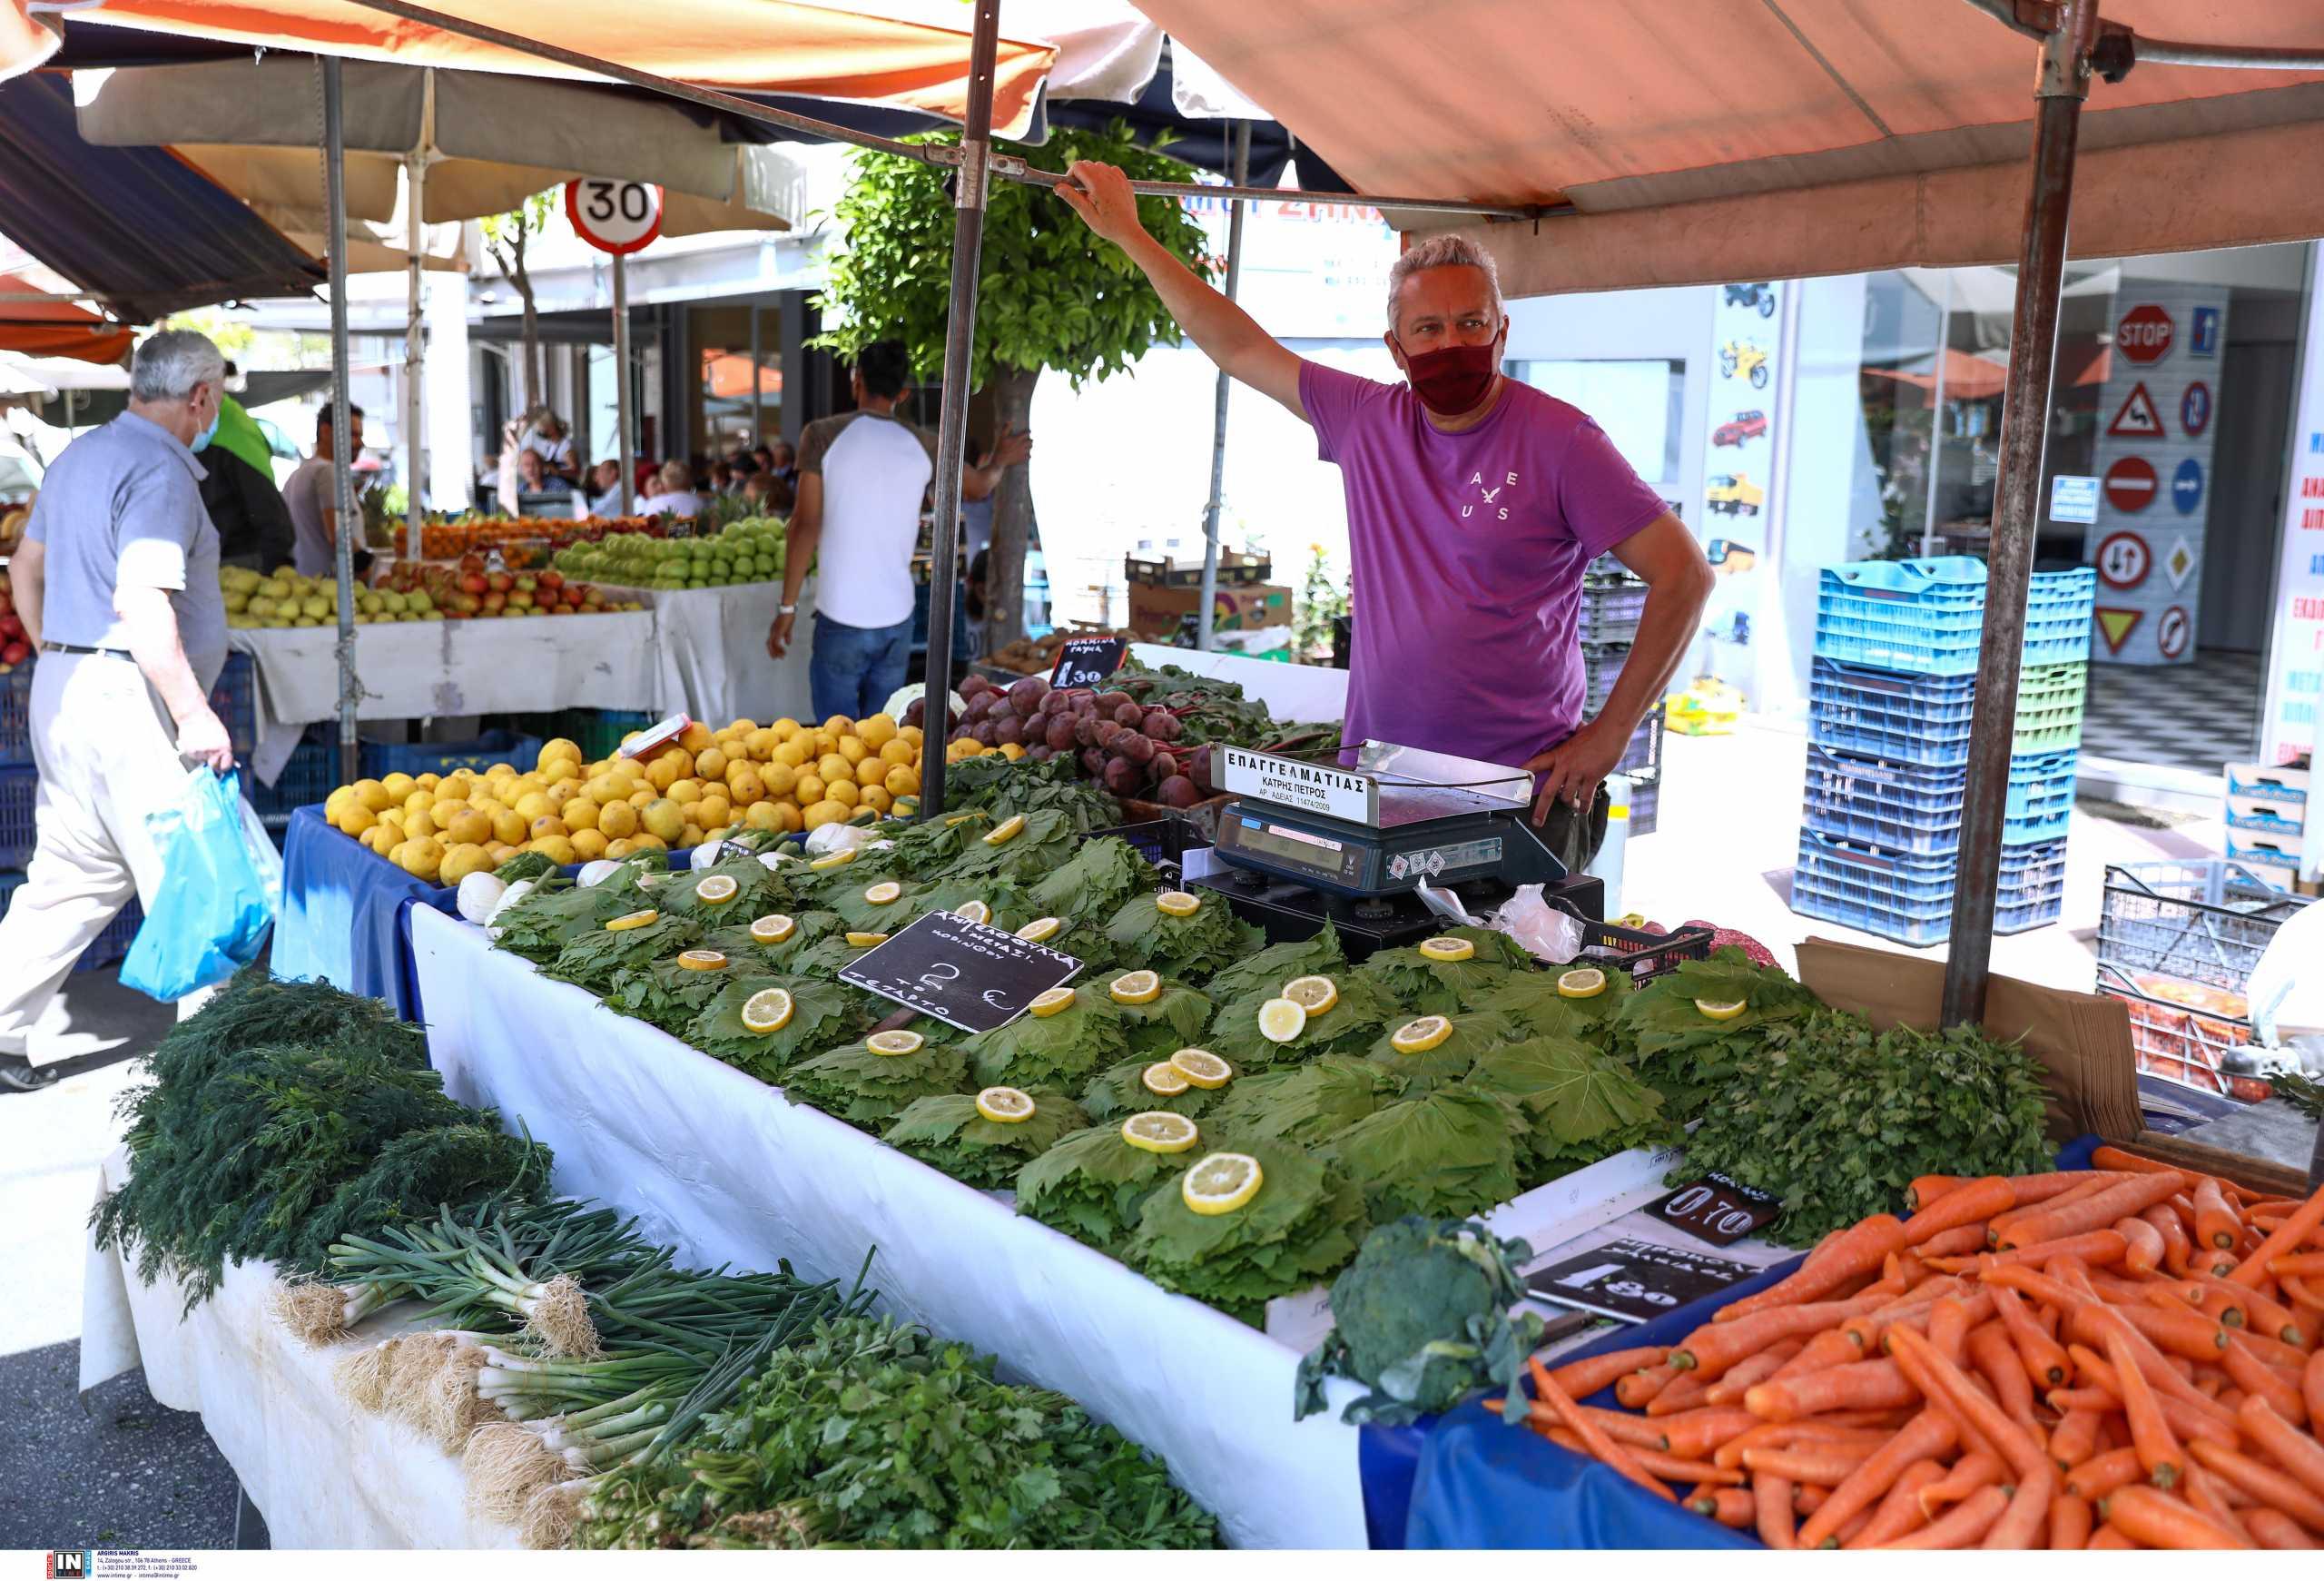 Λαϊκές αγορές: Καταργείται από τις 15 Ιουνίου η απόσταση των 5 μέτρων μεταξύ των πάγκων